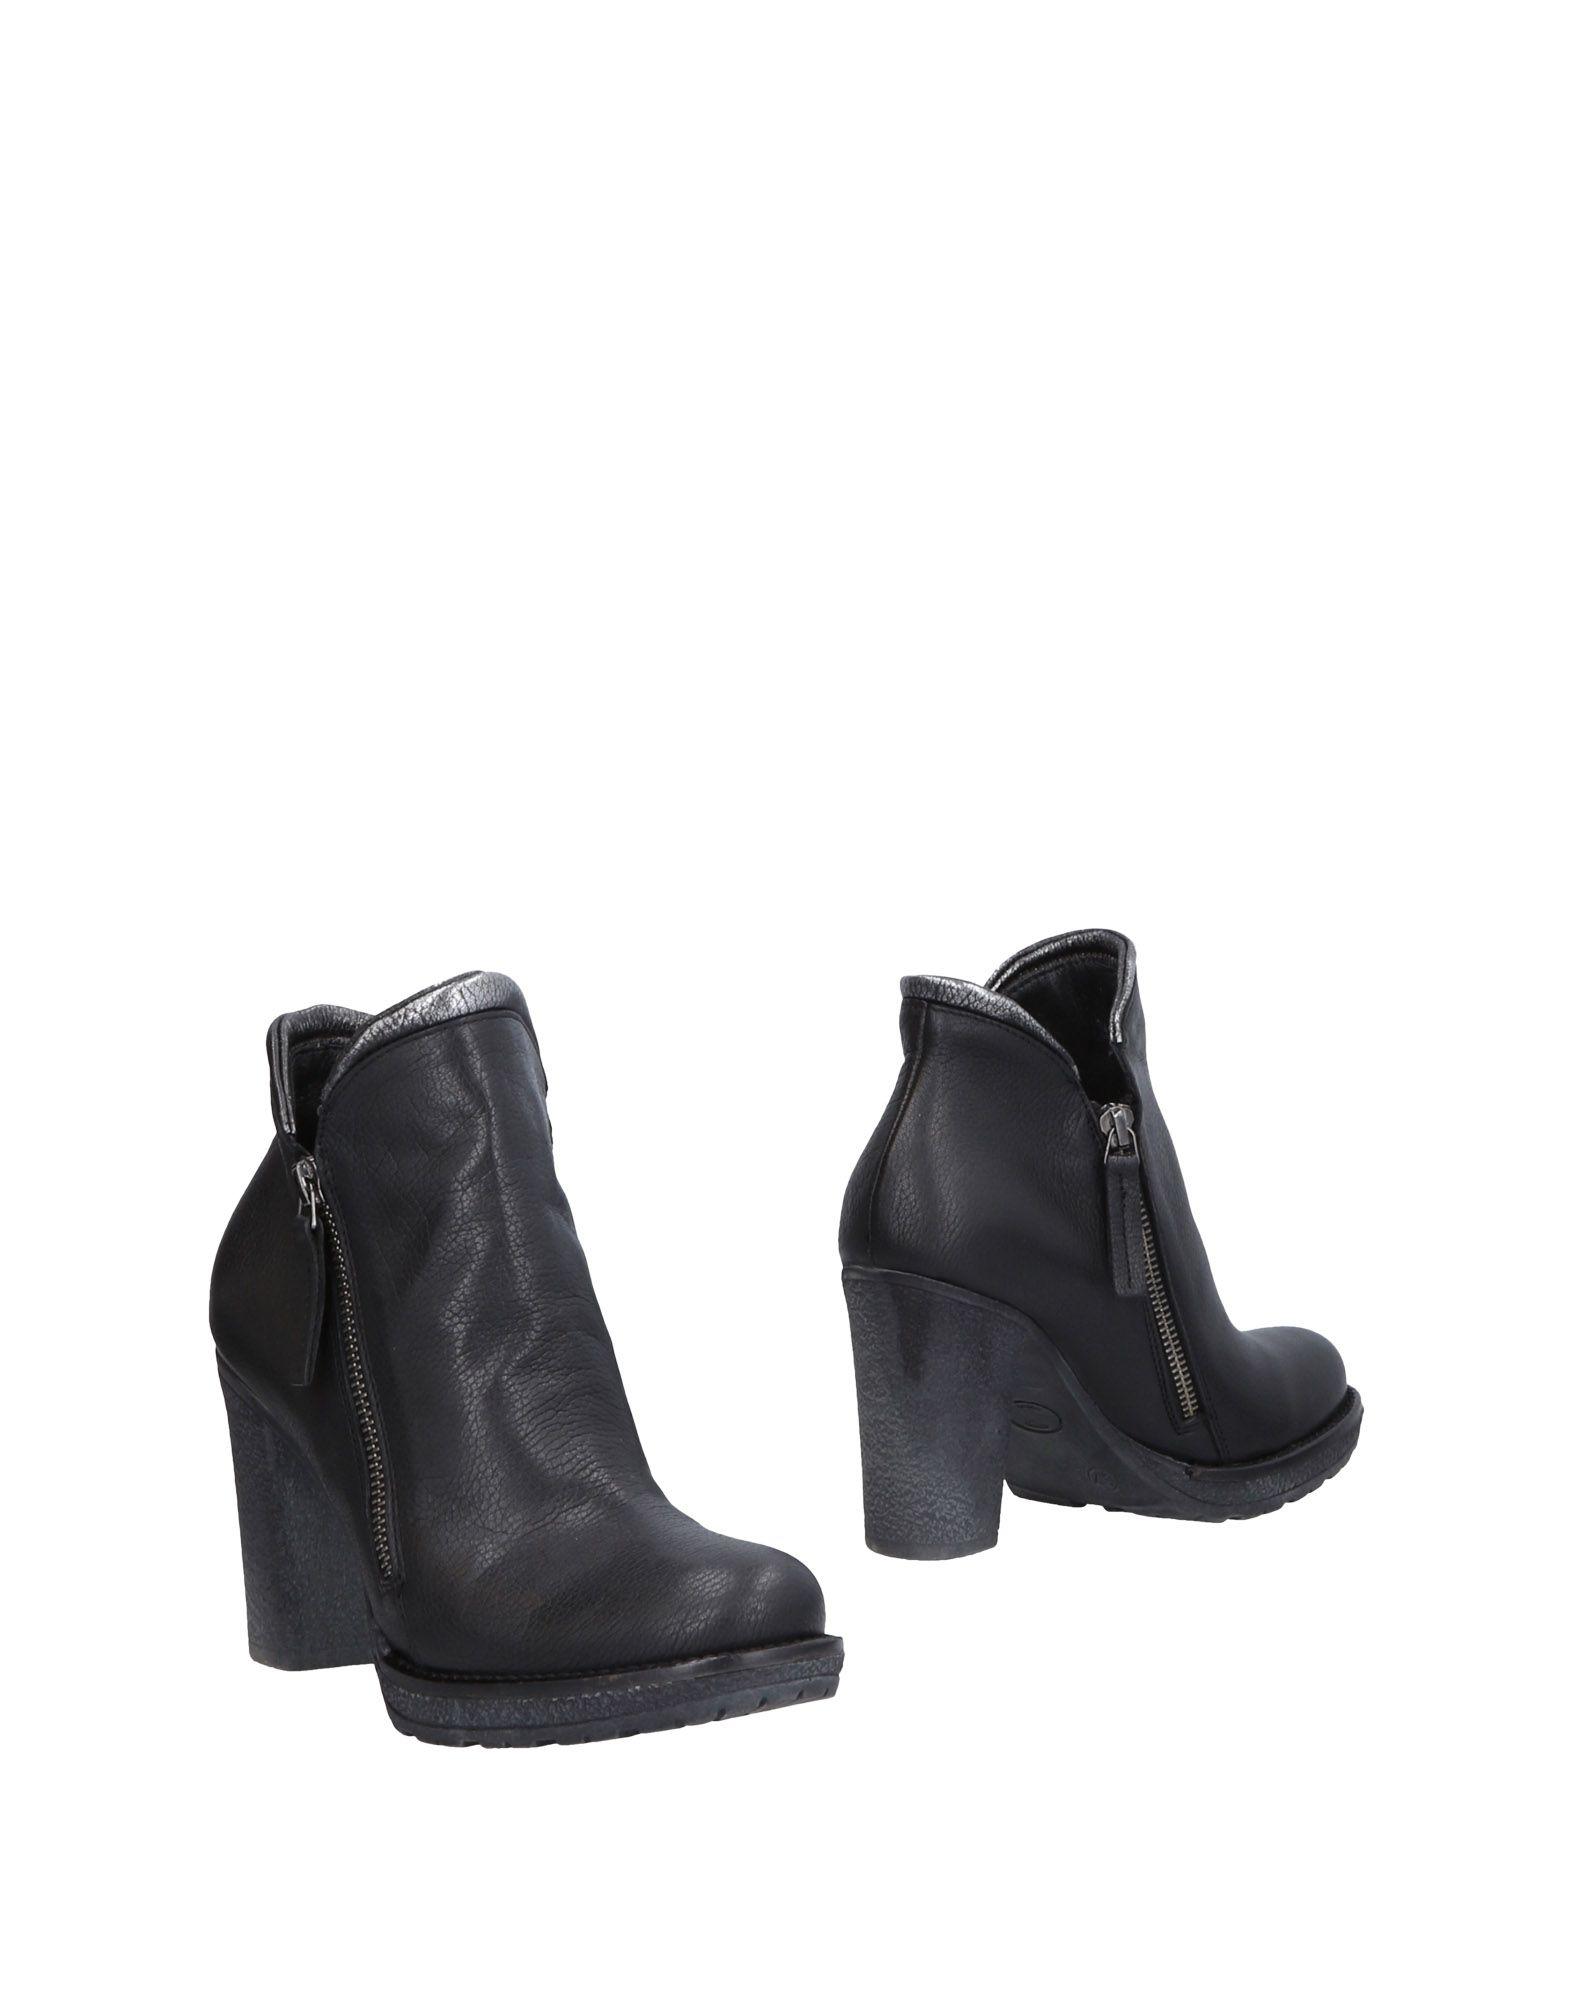 Donna Più Stiefelette Qualität Damen  11464799PP Gute Qualität Stiefelette beliebte Schuhe 8ef4db